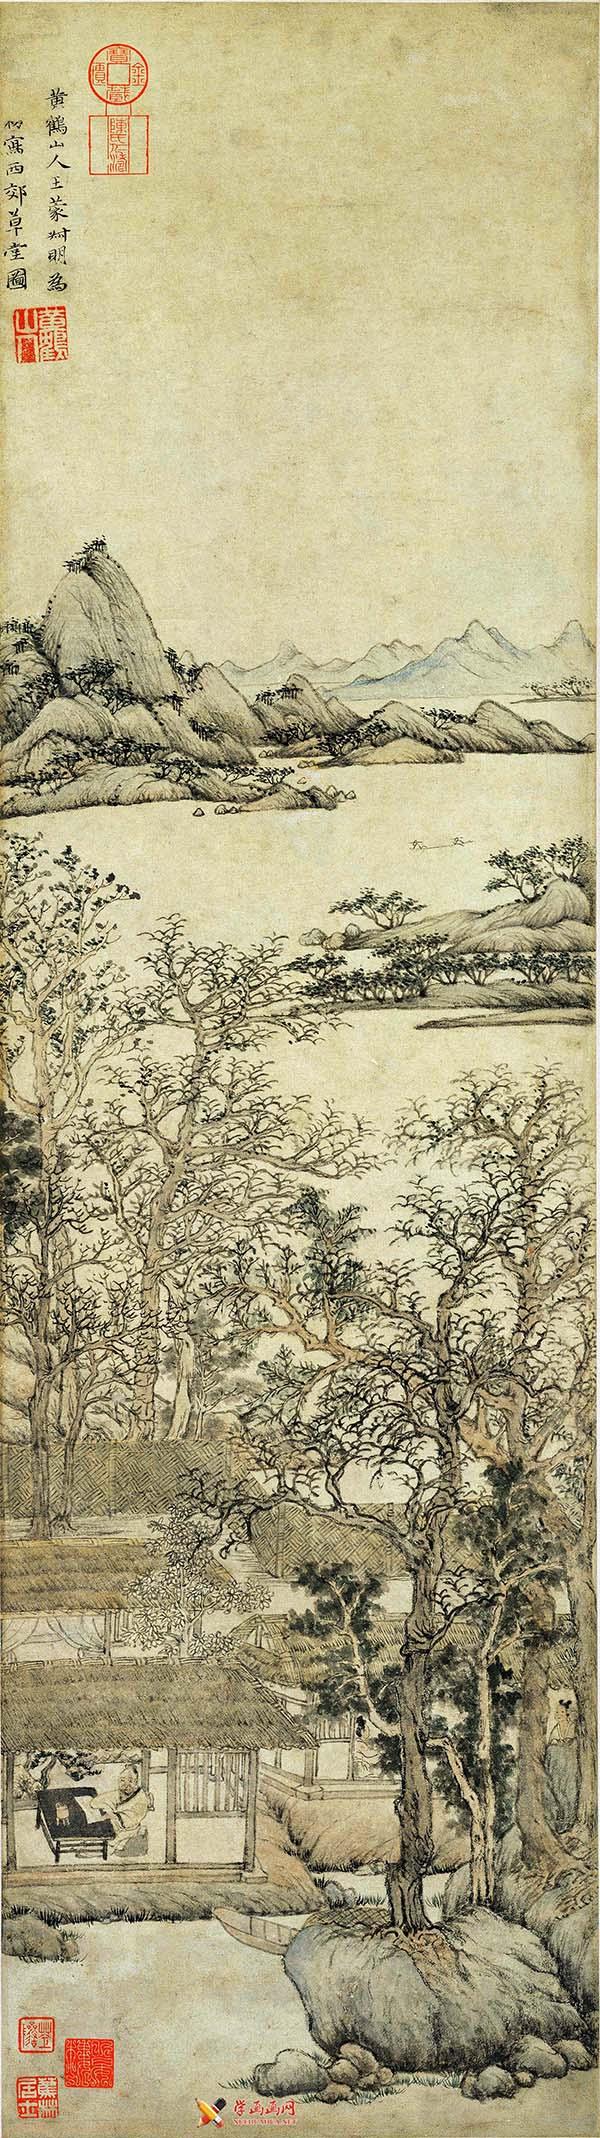 王蒙山水画作品《西郊草堂图》赏析(1)